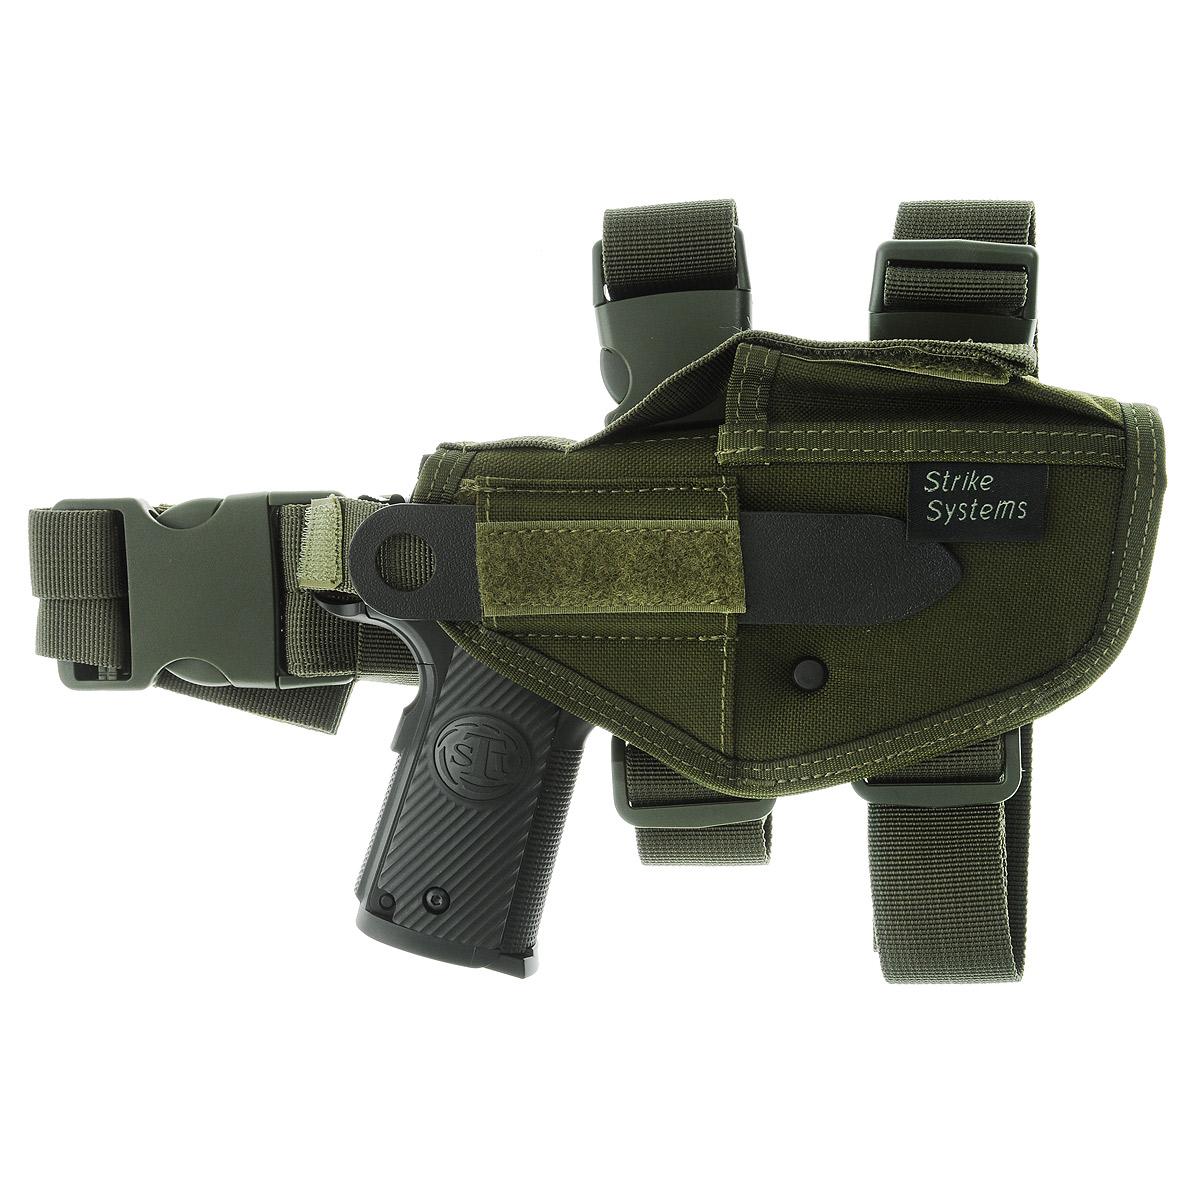 Кобура ASG набедренная для M92, G17/18, STI, CZ, Steyr, Bersa, цвет: Olive Drab (17319)527Кобура набедренная для пневматических и страйкбольных пистолетов серий M92, G17/18, STI, CZ, Steyr, Bersa (полноразмерные и среднеразмерные - Full Frame и Mid Frame) с подсумком для запасного магазина.Предназначена для ношения в тире и на полигоне. Показанные на фото оружие и аксессуары в комплект не входят. Не рассчитана на использование с боевым оружием.Регулируется по высоте.Застежка-фастекс для быстрого снятия.Два эластичных ремня с застежками для бедра.В комплекте приспособление для удобной регулировки.Двойные швы.Из износостойкого и влагостойкого нейлона.Возвраттоваравозможен только при наличии заключения сервисного центра.Время работы сервисного центра: Пн-чт: 10.00-18.00 Пт: 10.00- 17.00Сб, Вс: выходные дниАдрес: ООО ГАТО, 121471, г.Москва,ул.ПетраАлексеева,д12., тел. (495)232-4670, gato@gato.ruХарактеристики: Материал: нейлон, пластик. Размер кобуры: 31 см х 12 см х 7 см. Размер упаковки: 36 см х 26 см х 7 см. Артикул: 17319. Уважаемые покупатели, обращаем Ваше внимание что авиадоставка в нижеперечисленные города этого товара временно недоступна! 1. Ангарск 2. Благовещенск 3. Бодайбо 4. Братск 5. Владивосток 6. Воркута 7. Иркутск 8. Калининград 9. Надым 10. Нарьян-Мар 11. Находка 12. Норильск 13. Петропавловск-Камчатский 14. Салехард 15. Улан-Удэ 16. Уссурийск 17. Ухта 18. Хабаровск 19. Чита 20. Энергетик 21. Южно-Сахалинск 22. Якутск